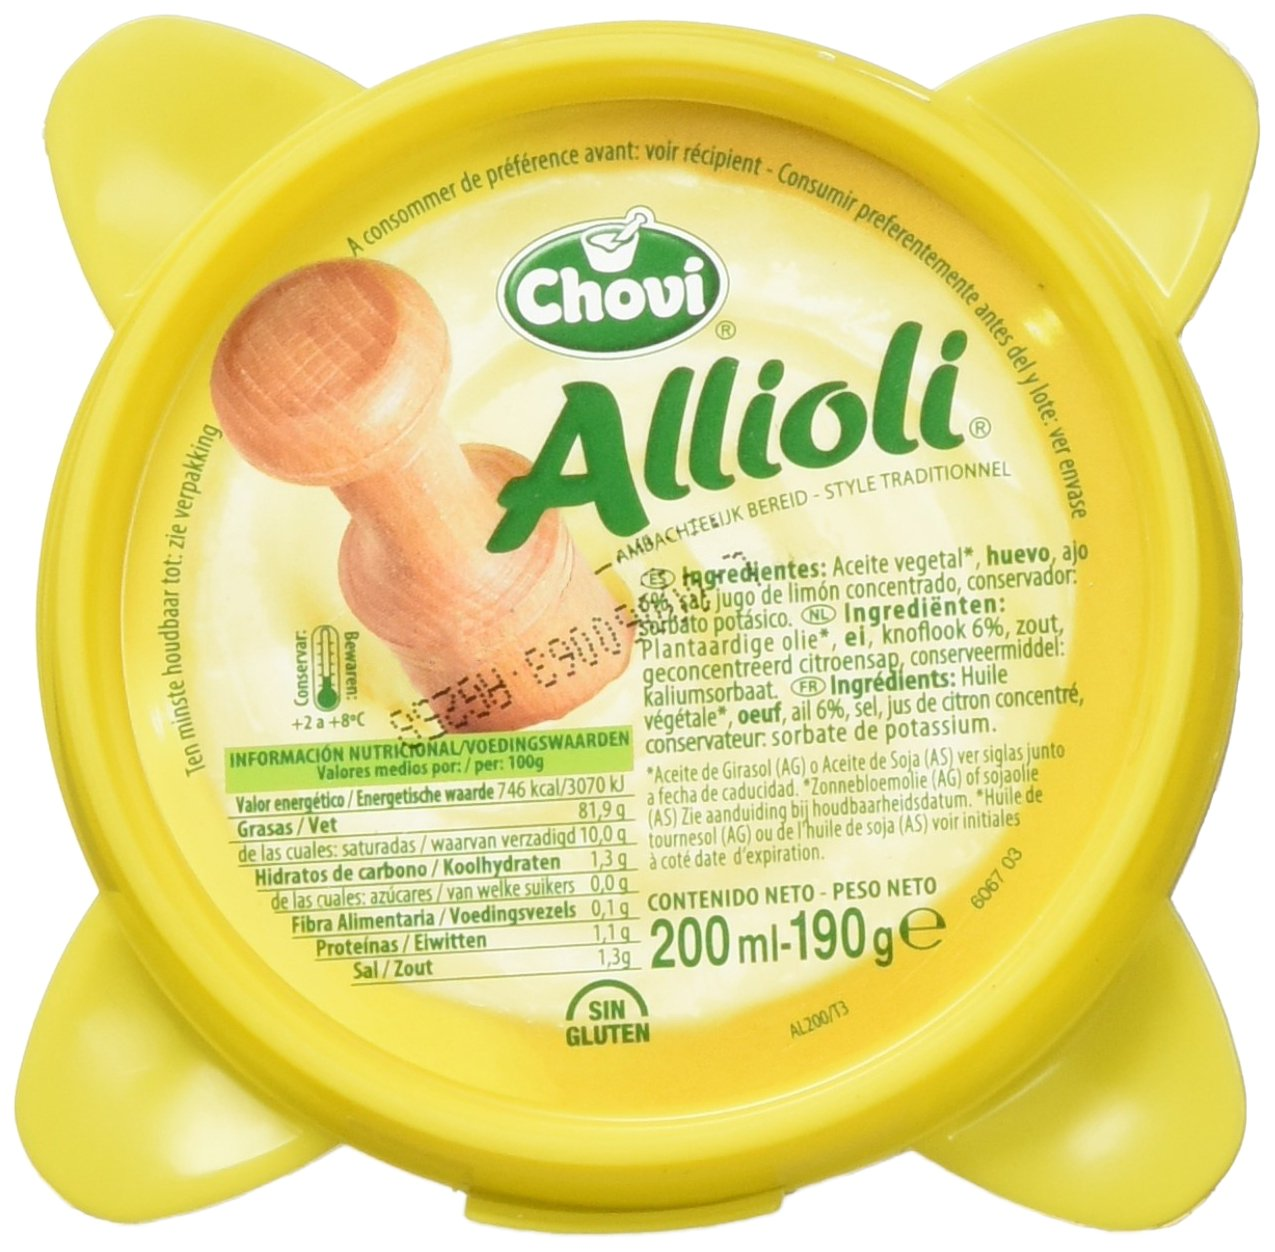 Chovi - Allioli - Salsa Alioli al Estilo Casero - 200 ml - [Pack de 4]: Amazon.es: Alimentación y bebidas